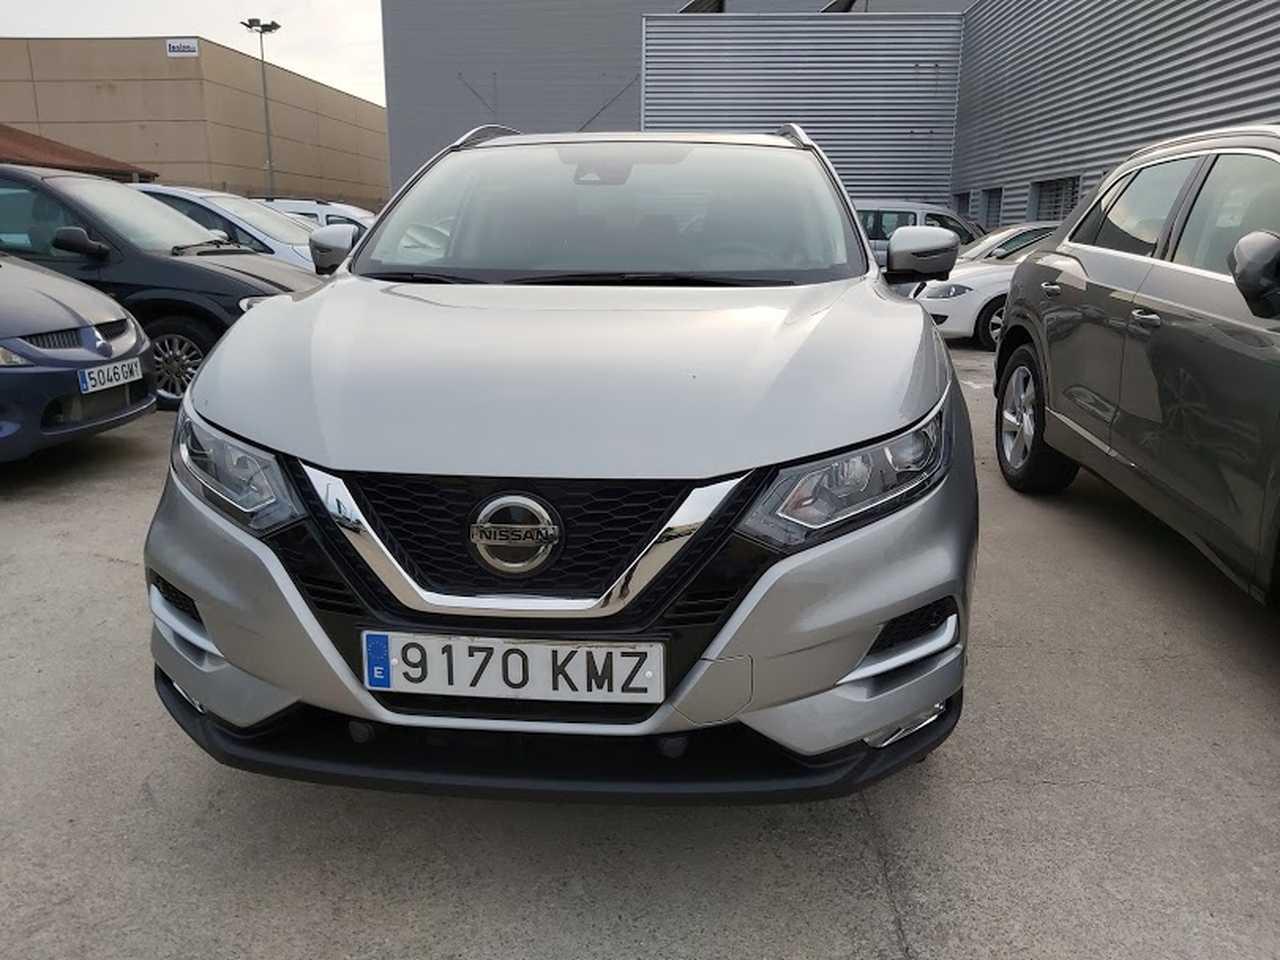 Nissan Qashqai dCi 96 kW 130 CV NCONNECTA Datos del vehículo   - Foto 1